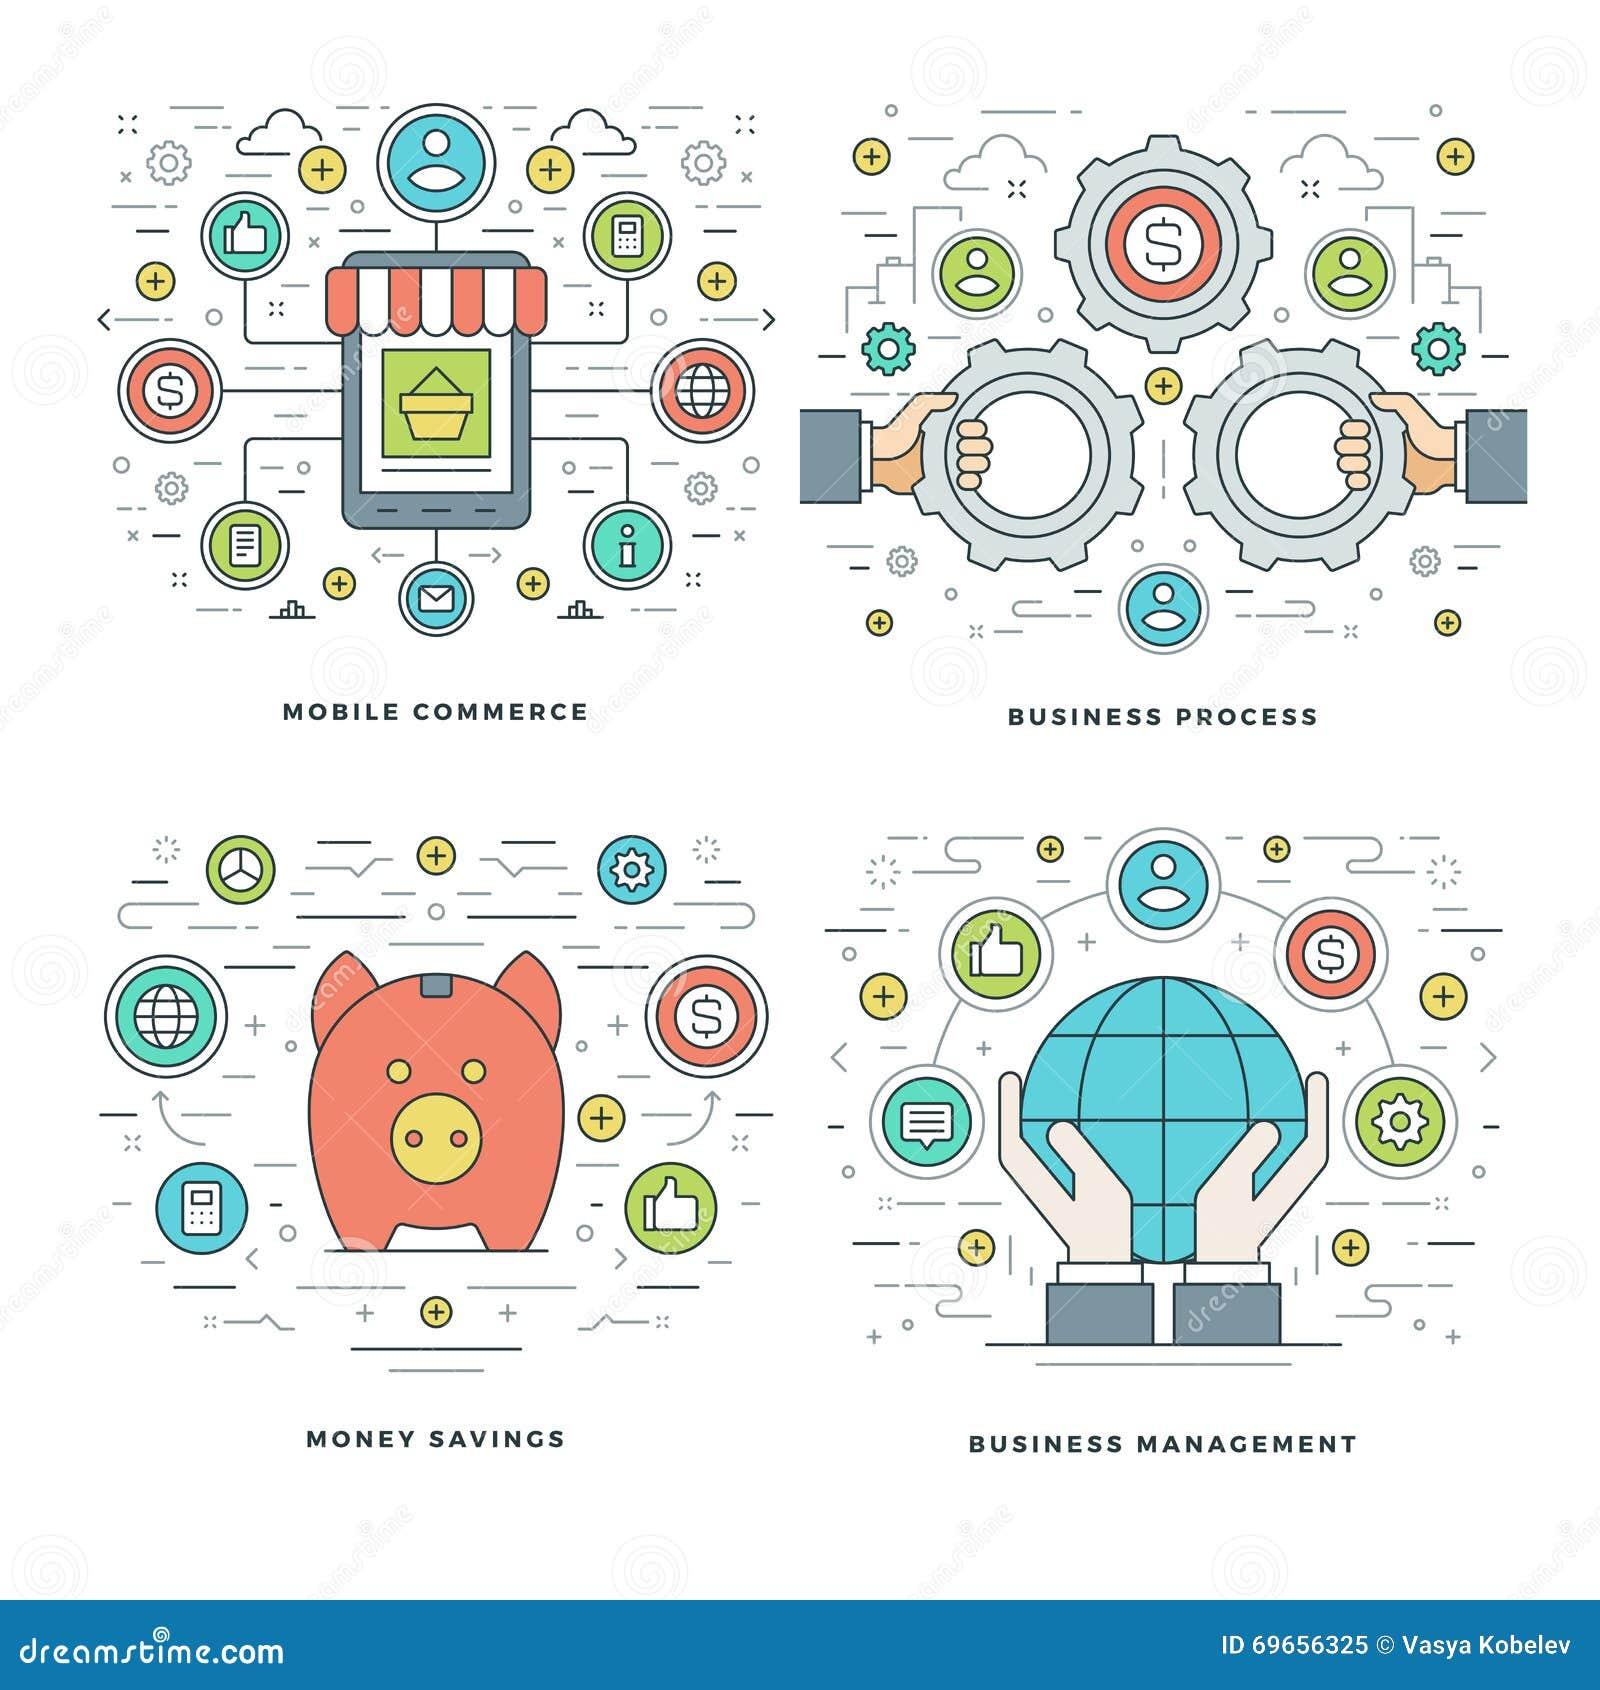 Flache Linie Geld-Einsparungen, Internet-Einkaufen, bewegliche Zahlungen, Geschäftsprozess-Konzepte stellte Vektorillustrationen